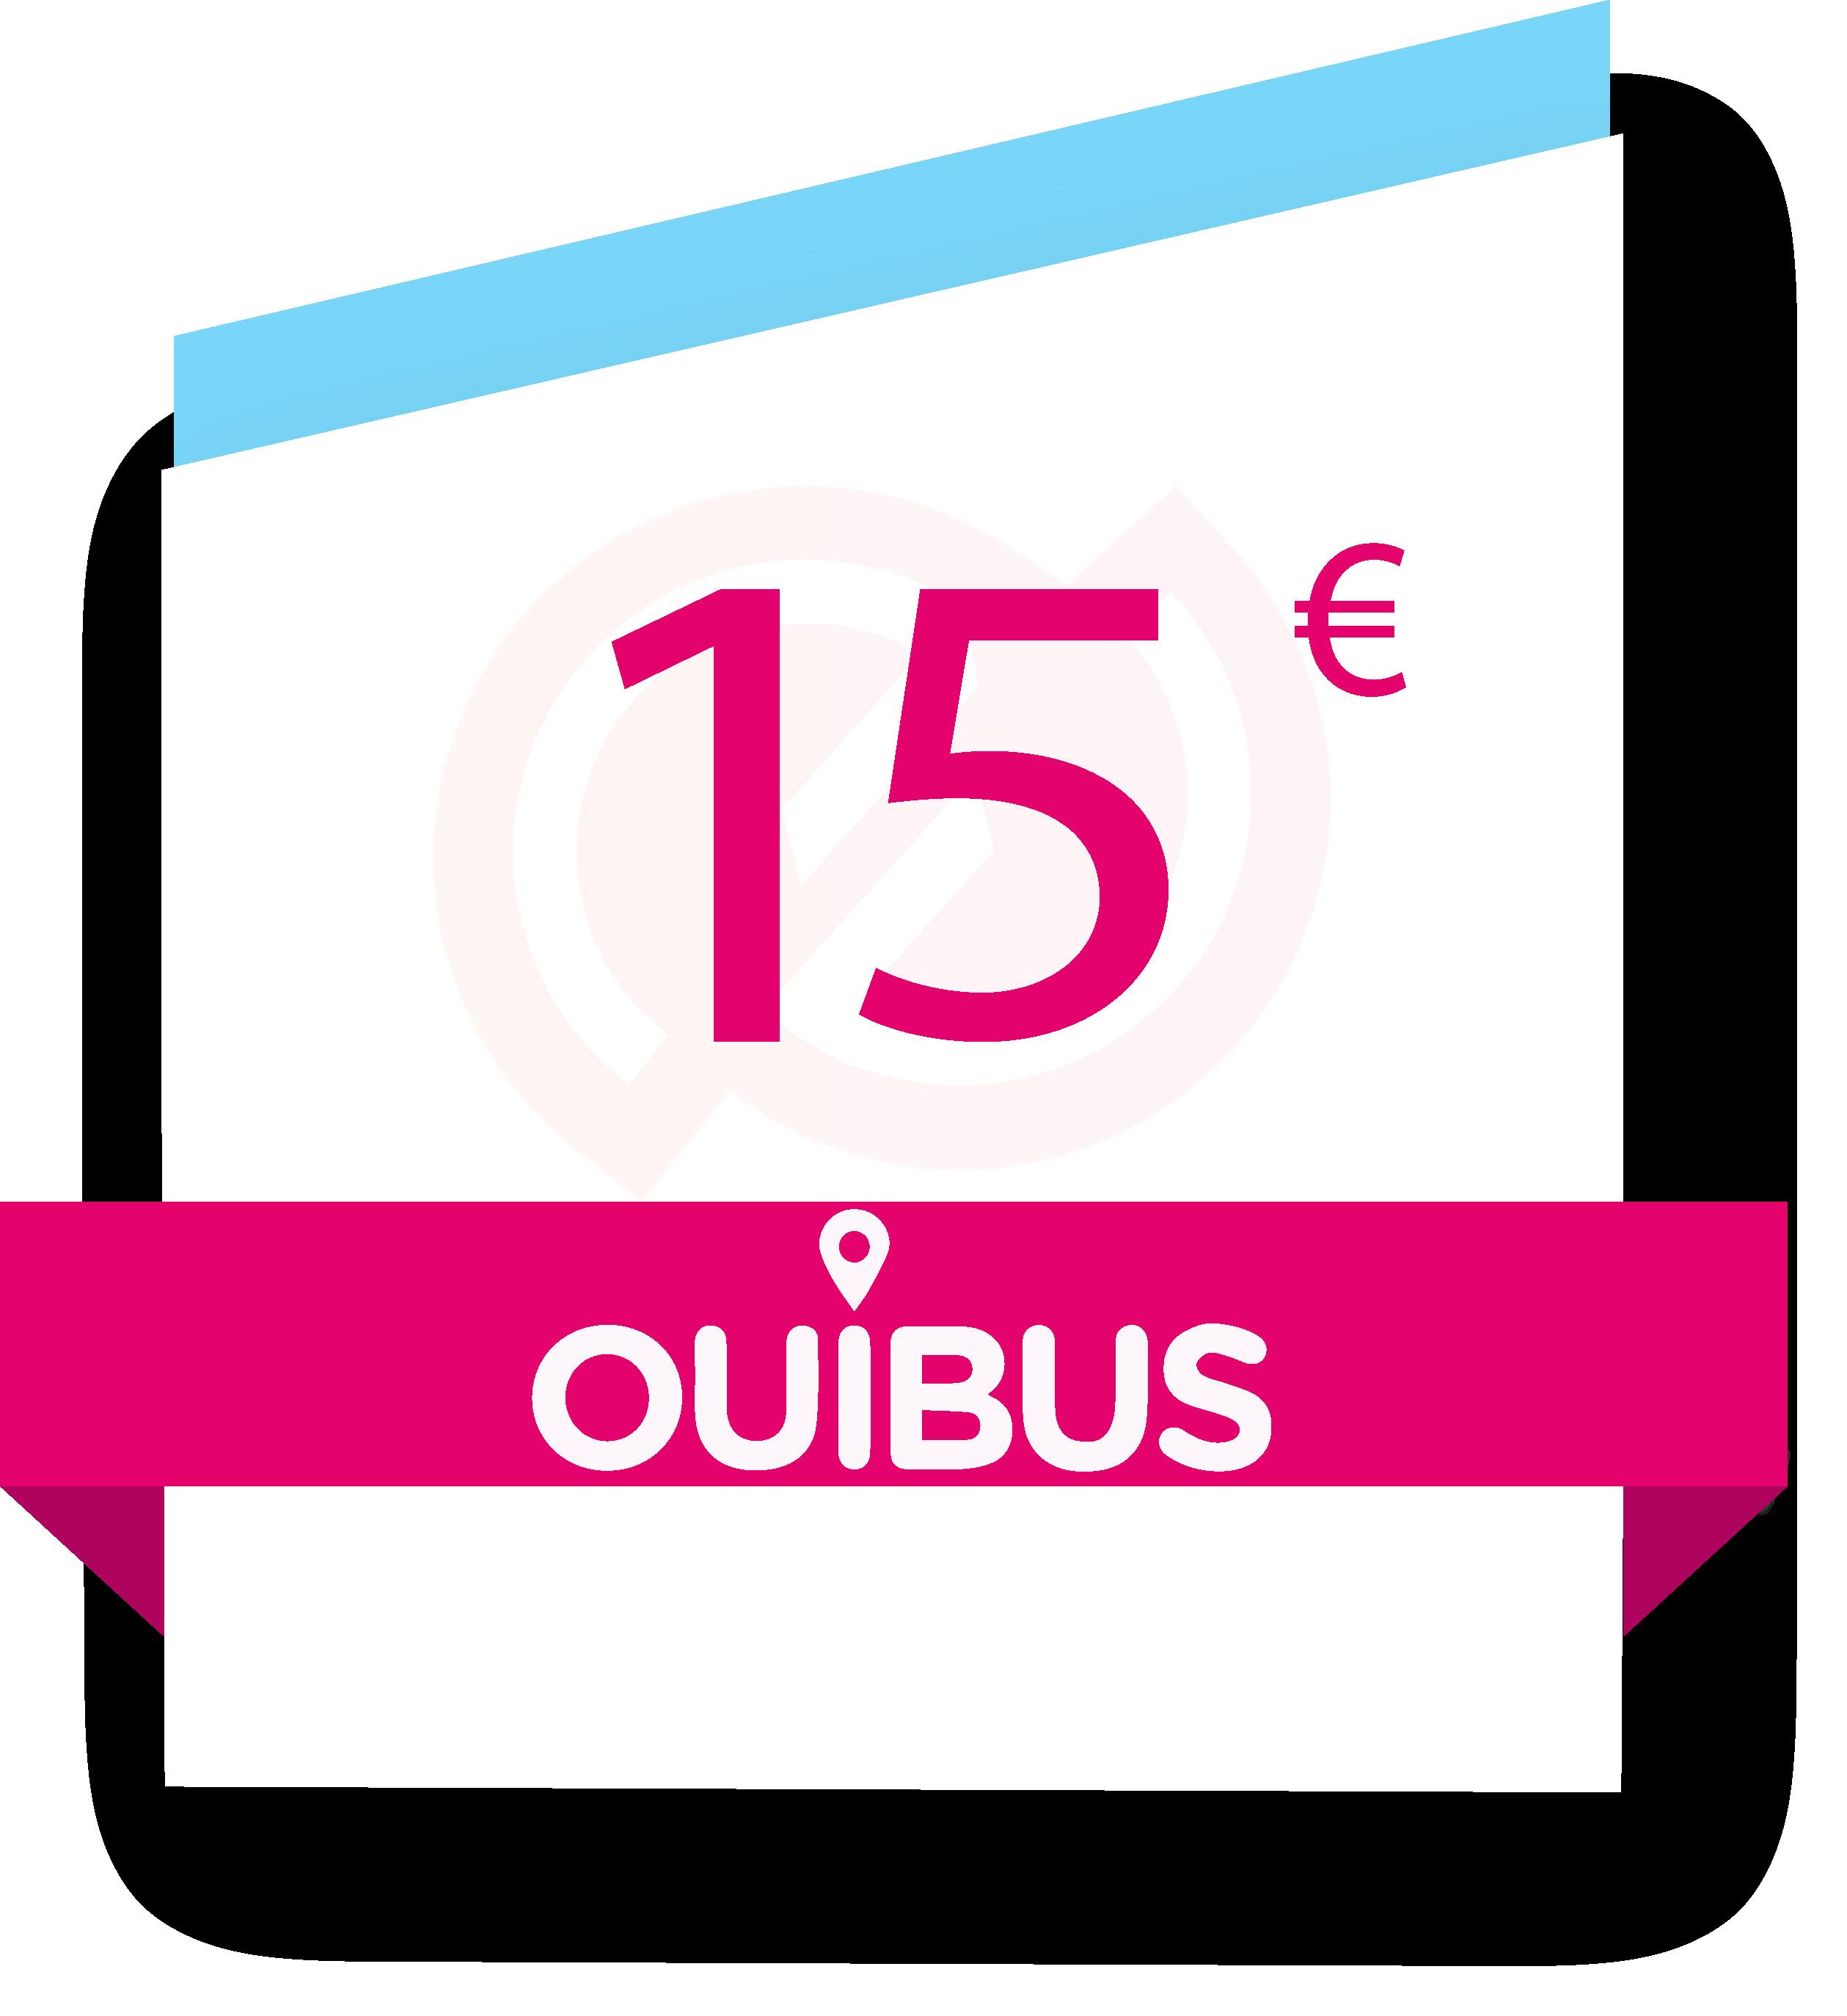 ouibus-15-euros